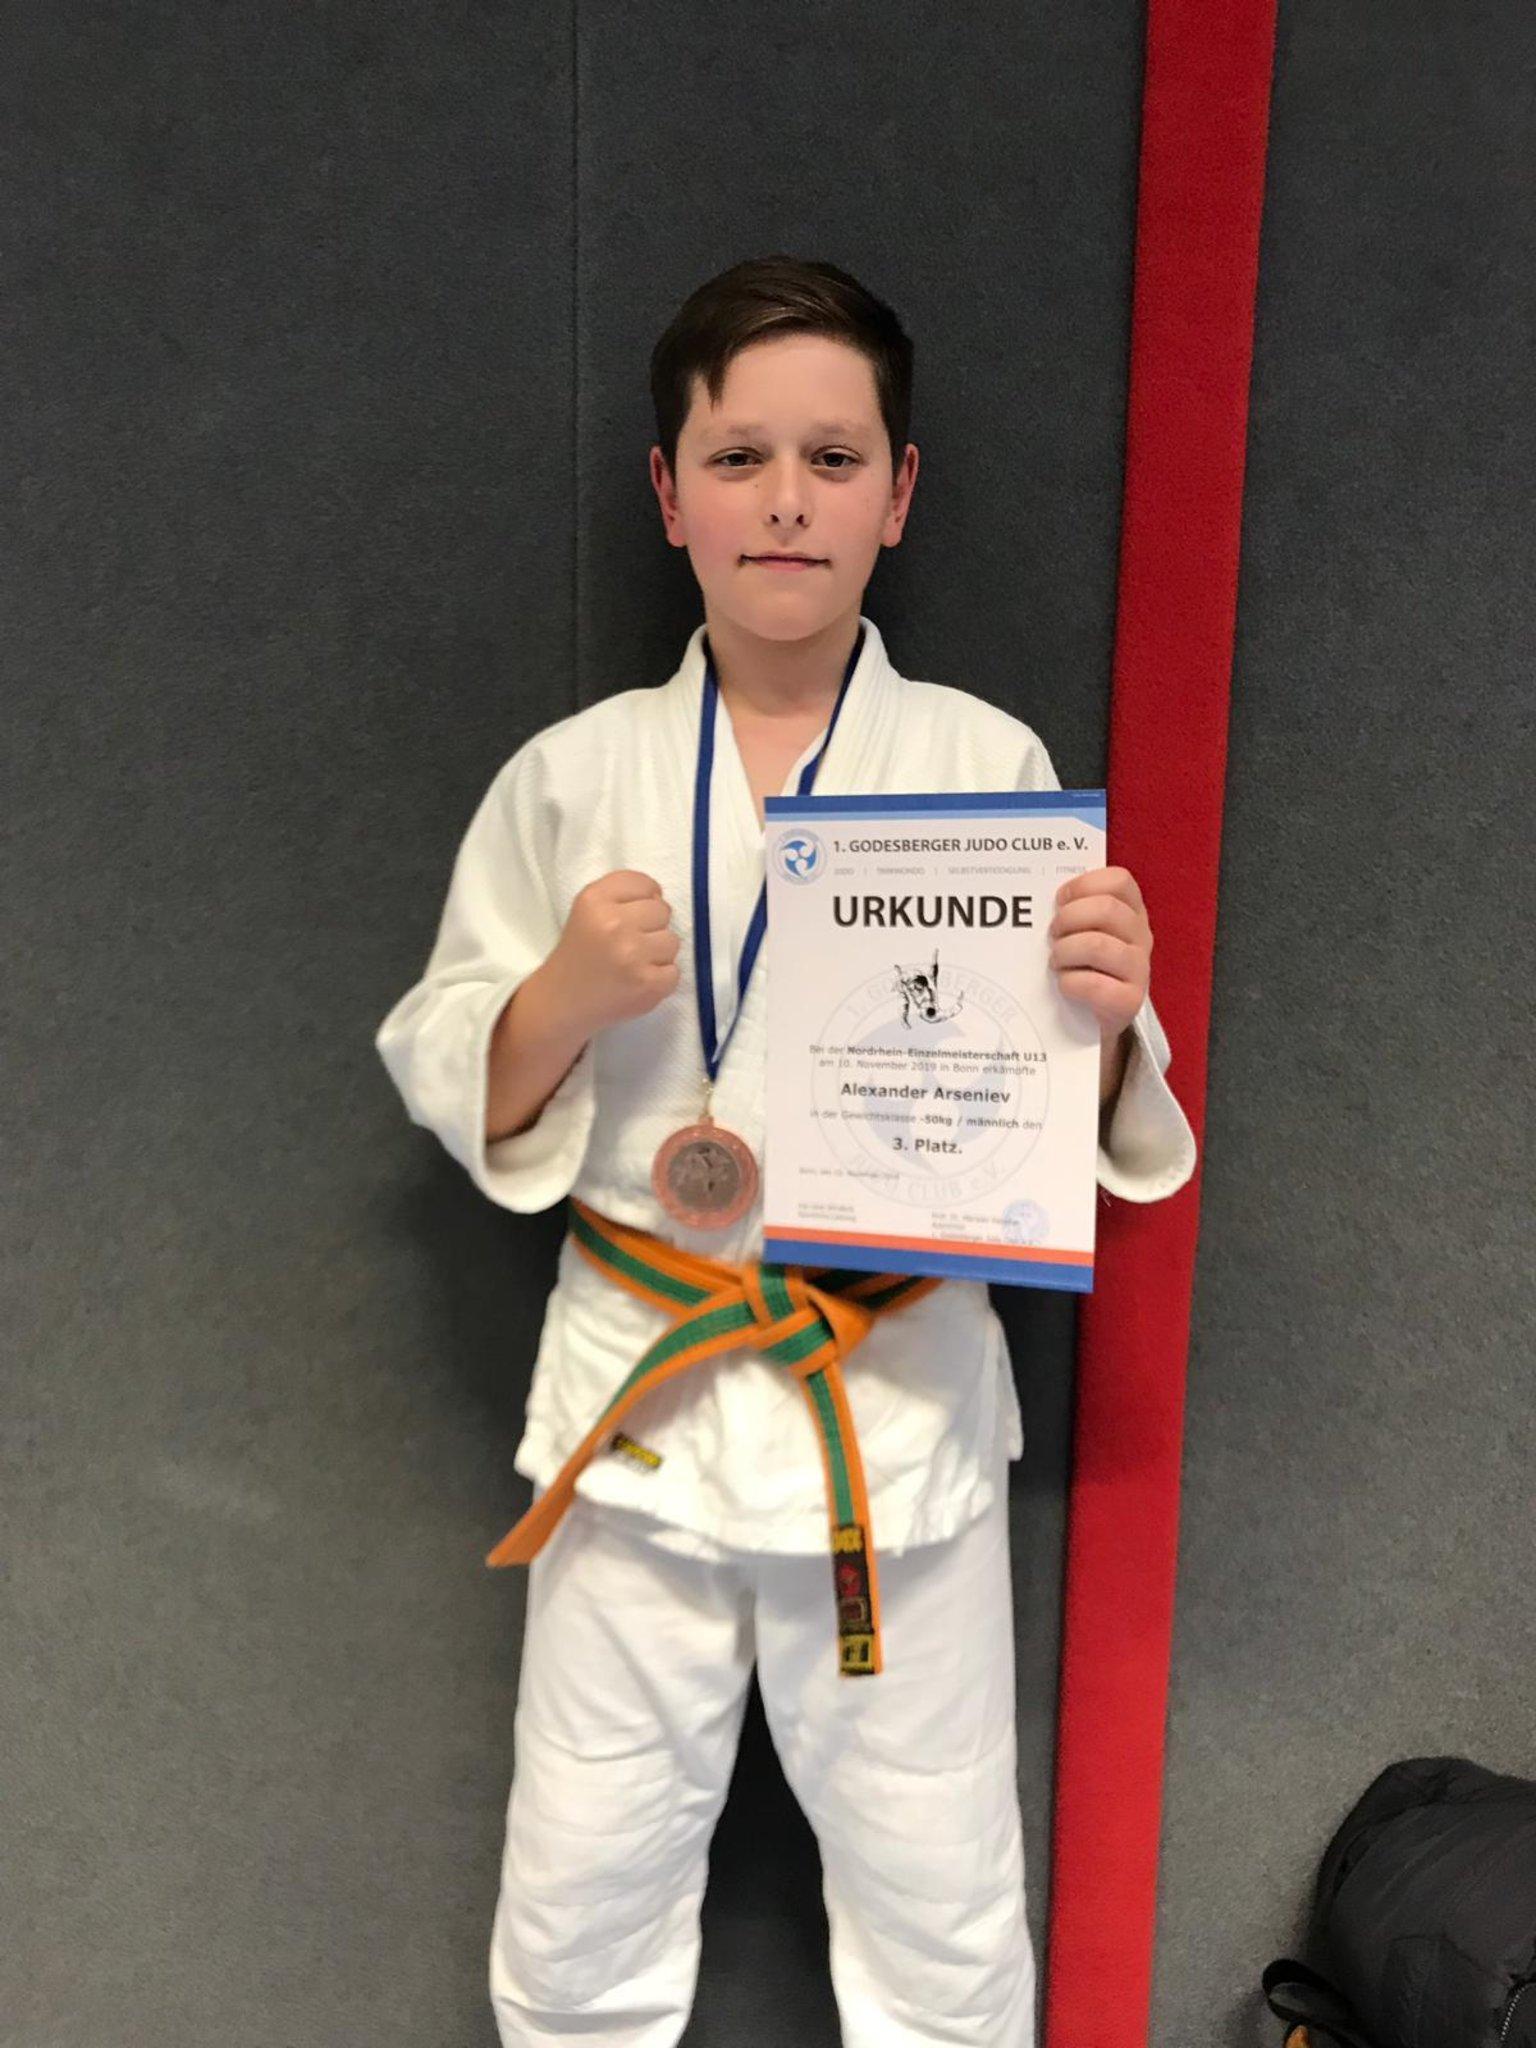 Judo Nordrhein-Einzelmeisterschaft U13 2019: Alex Arseniev vom Judo-Team Holten gewinnt Bronze bei den Nordrhein-Einzelmeisterschaften - Lokalkompass.de